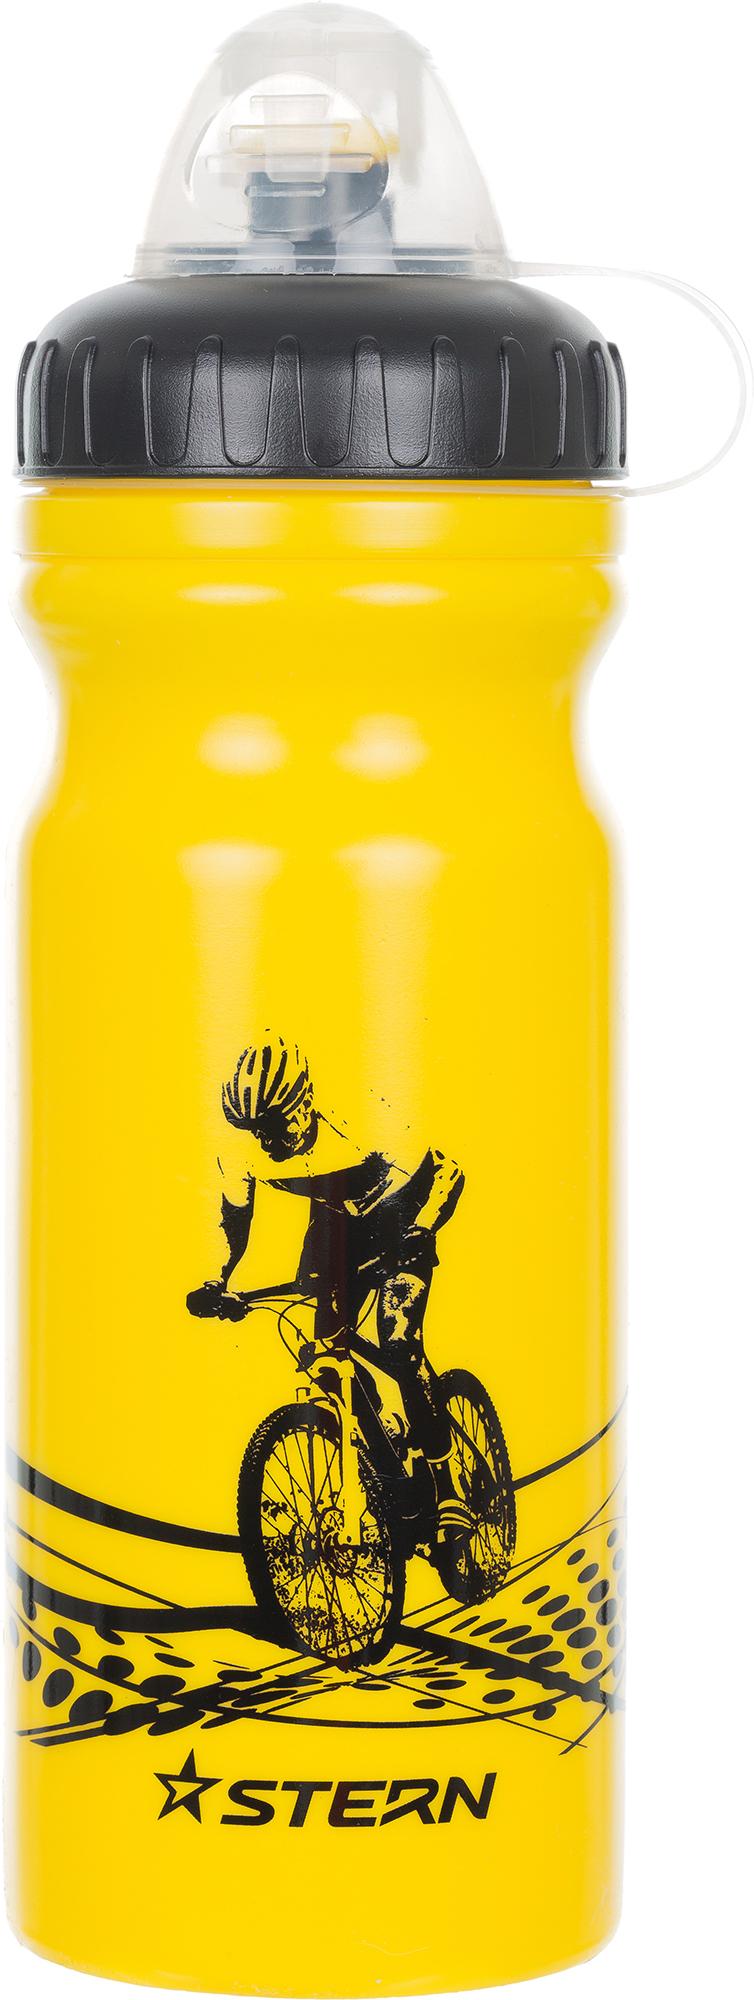 Stern Фляжка велосипедная Stern брелок калашников фляжка